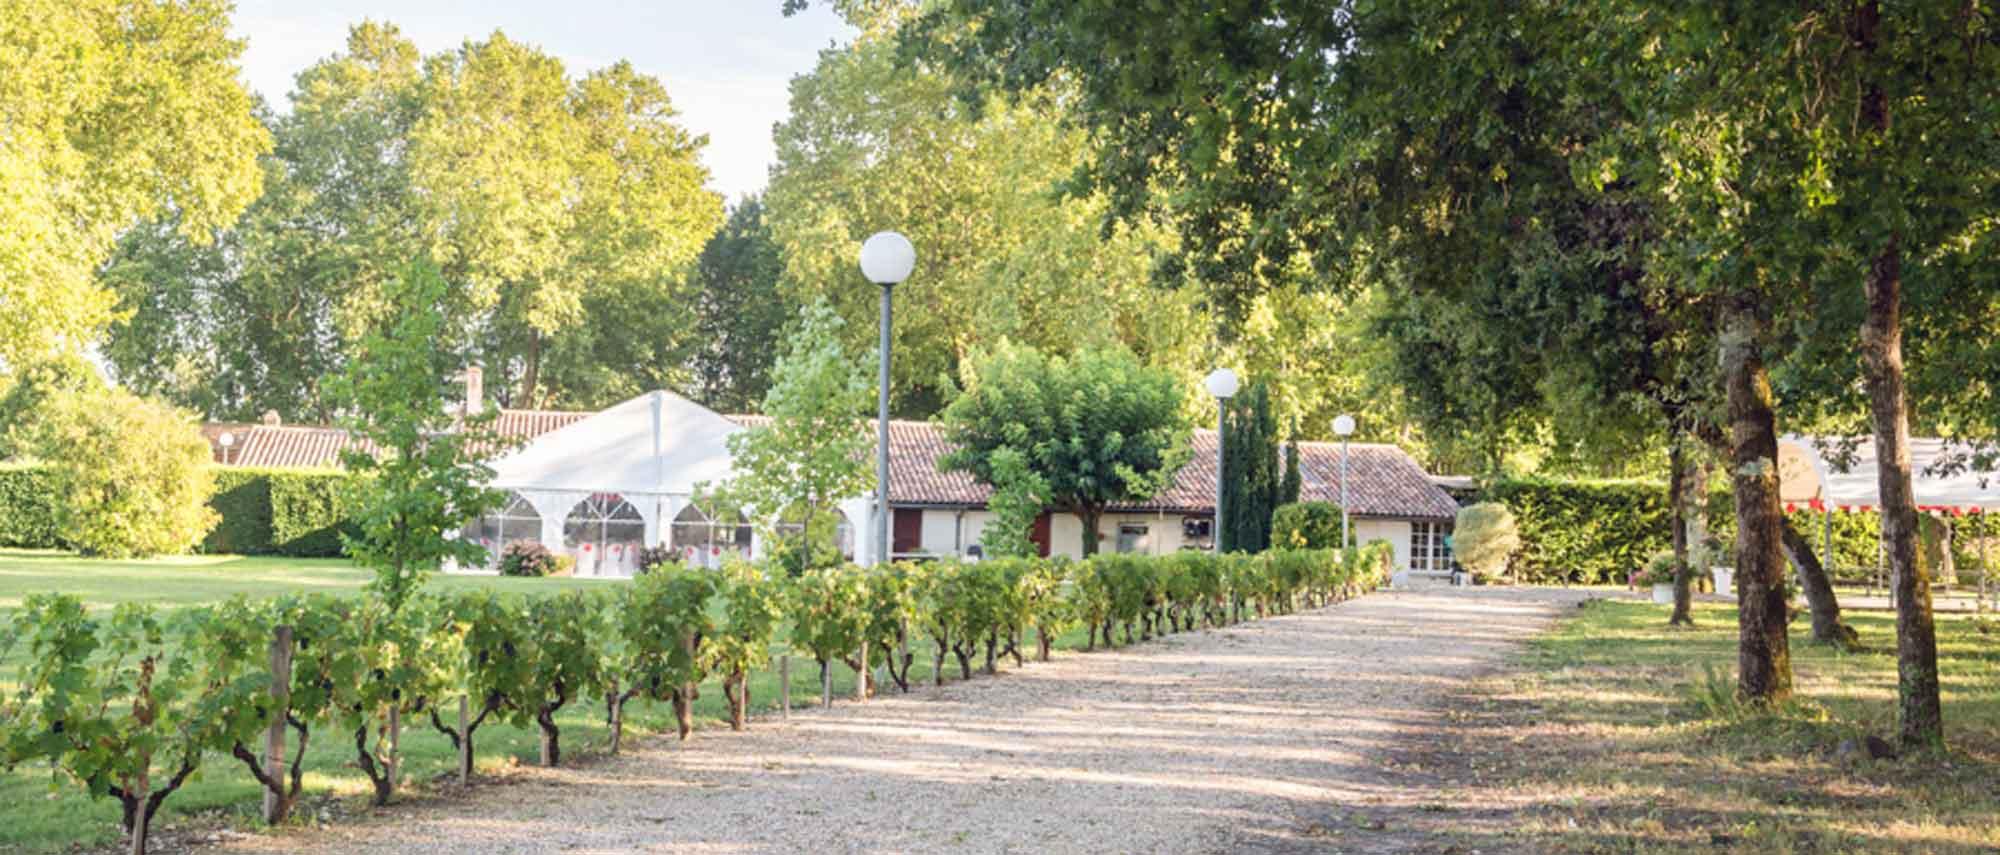 Domaine Mariage Champetre Bordeaux Location De Salle Et Traiteur